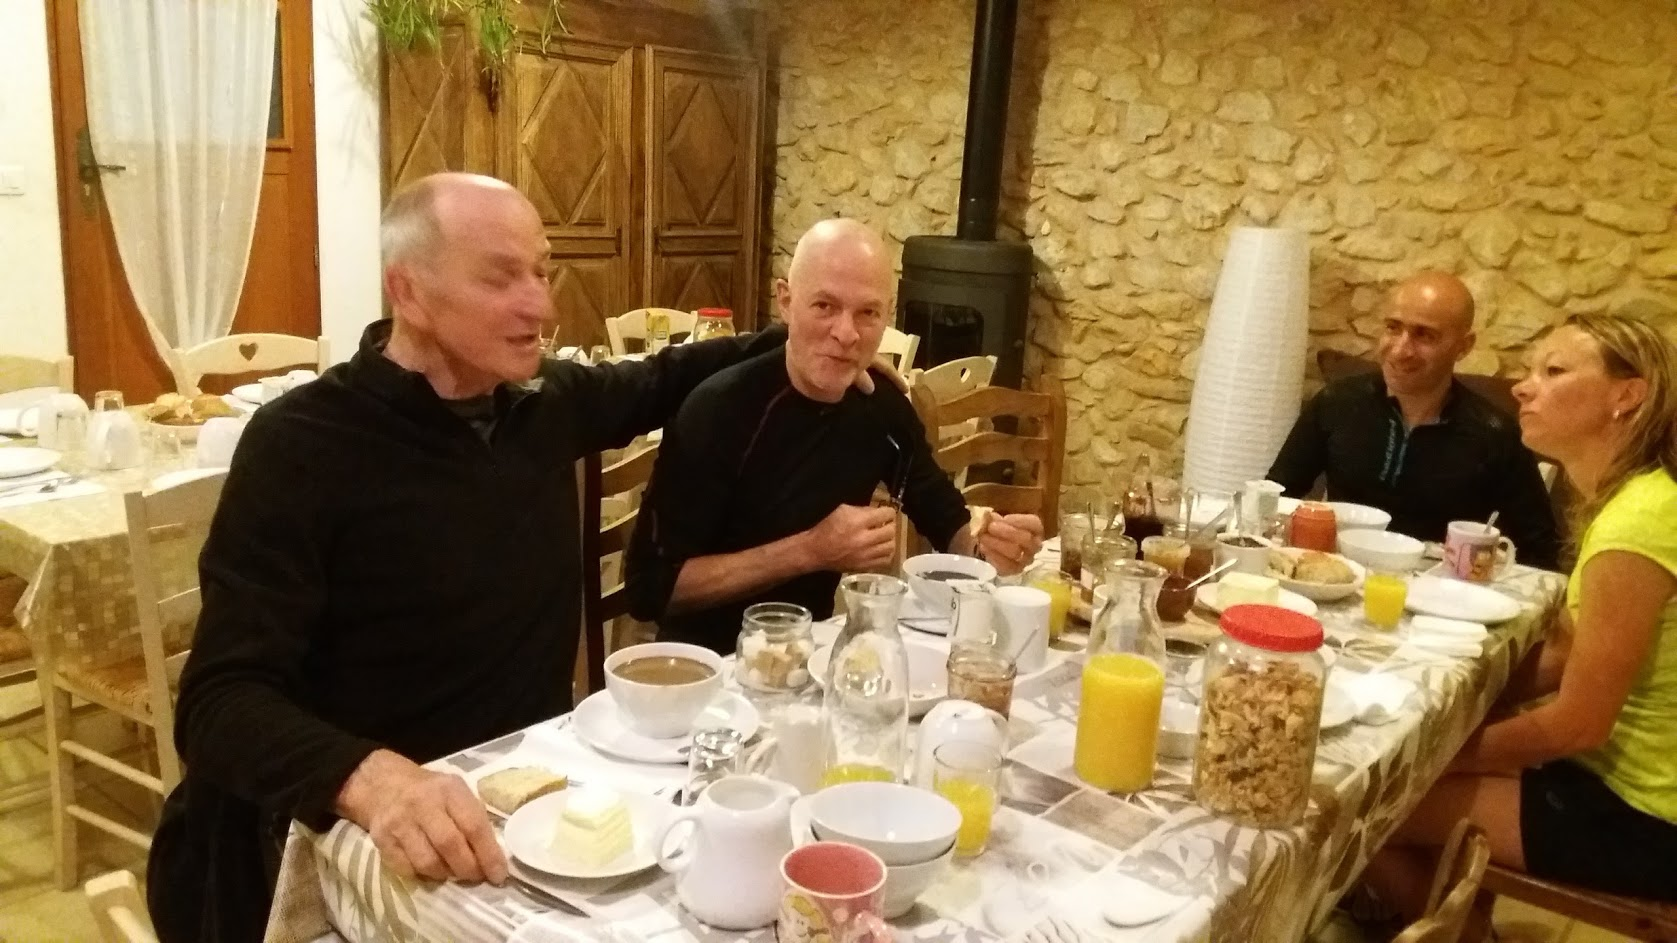 loucardalines-hébergement-chambres d hôtes-trial-ventoux-petit déjeuné-sprotif-st colombe-gite